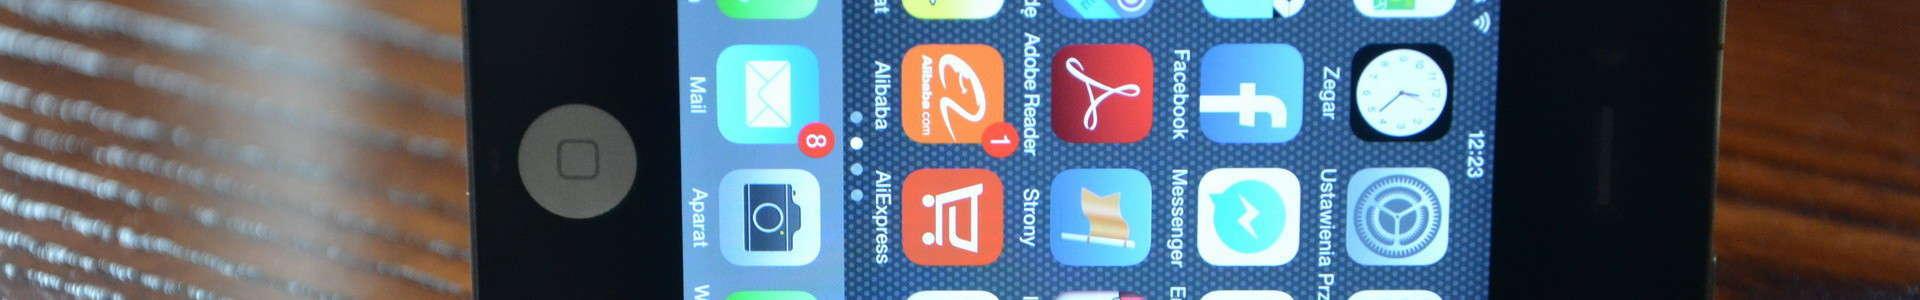 Informatikai és Számítástechnikai tanfolyamok Budapesten - iPhone alkalmazásfejlesztő